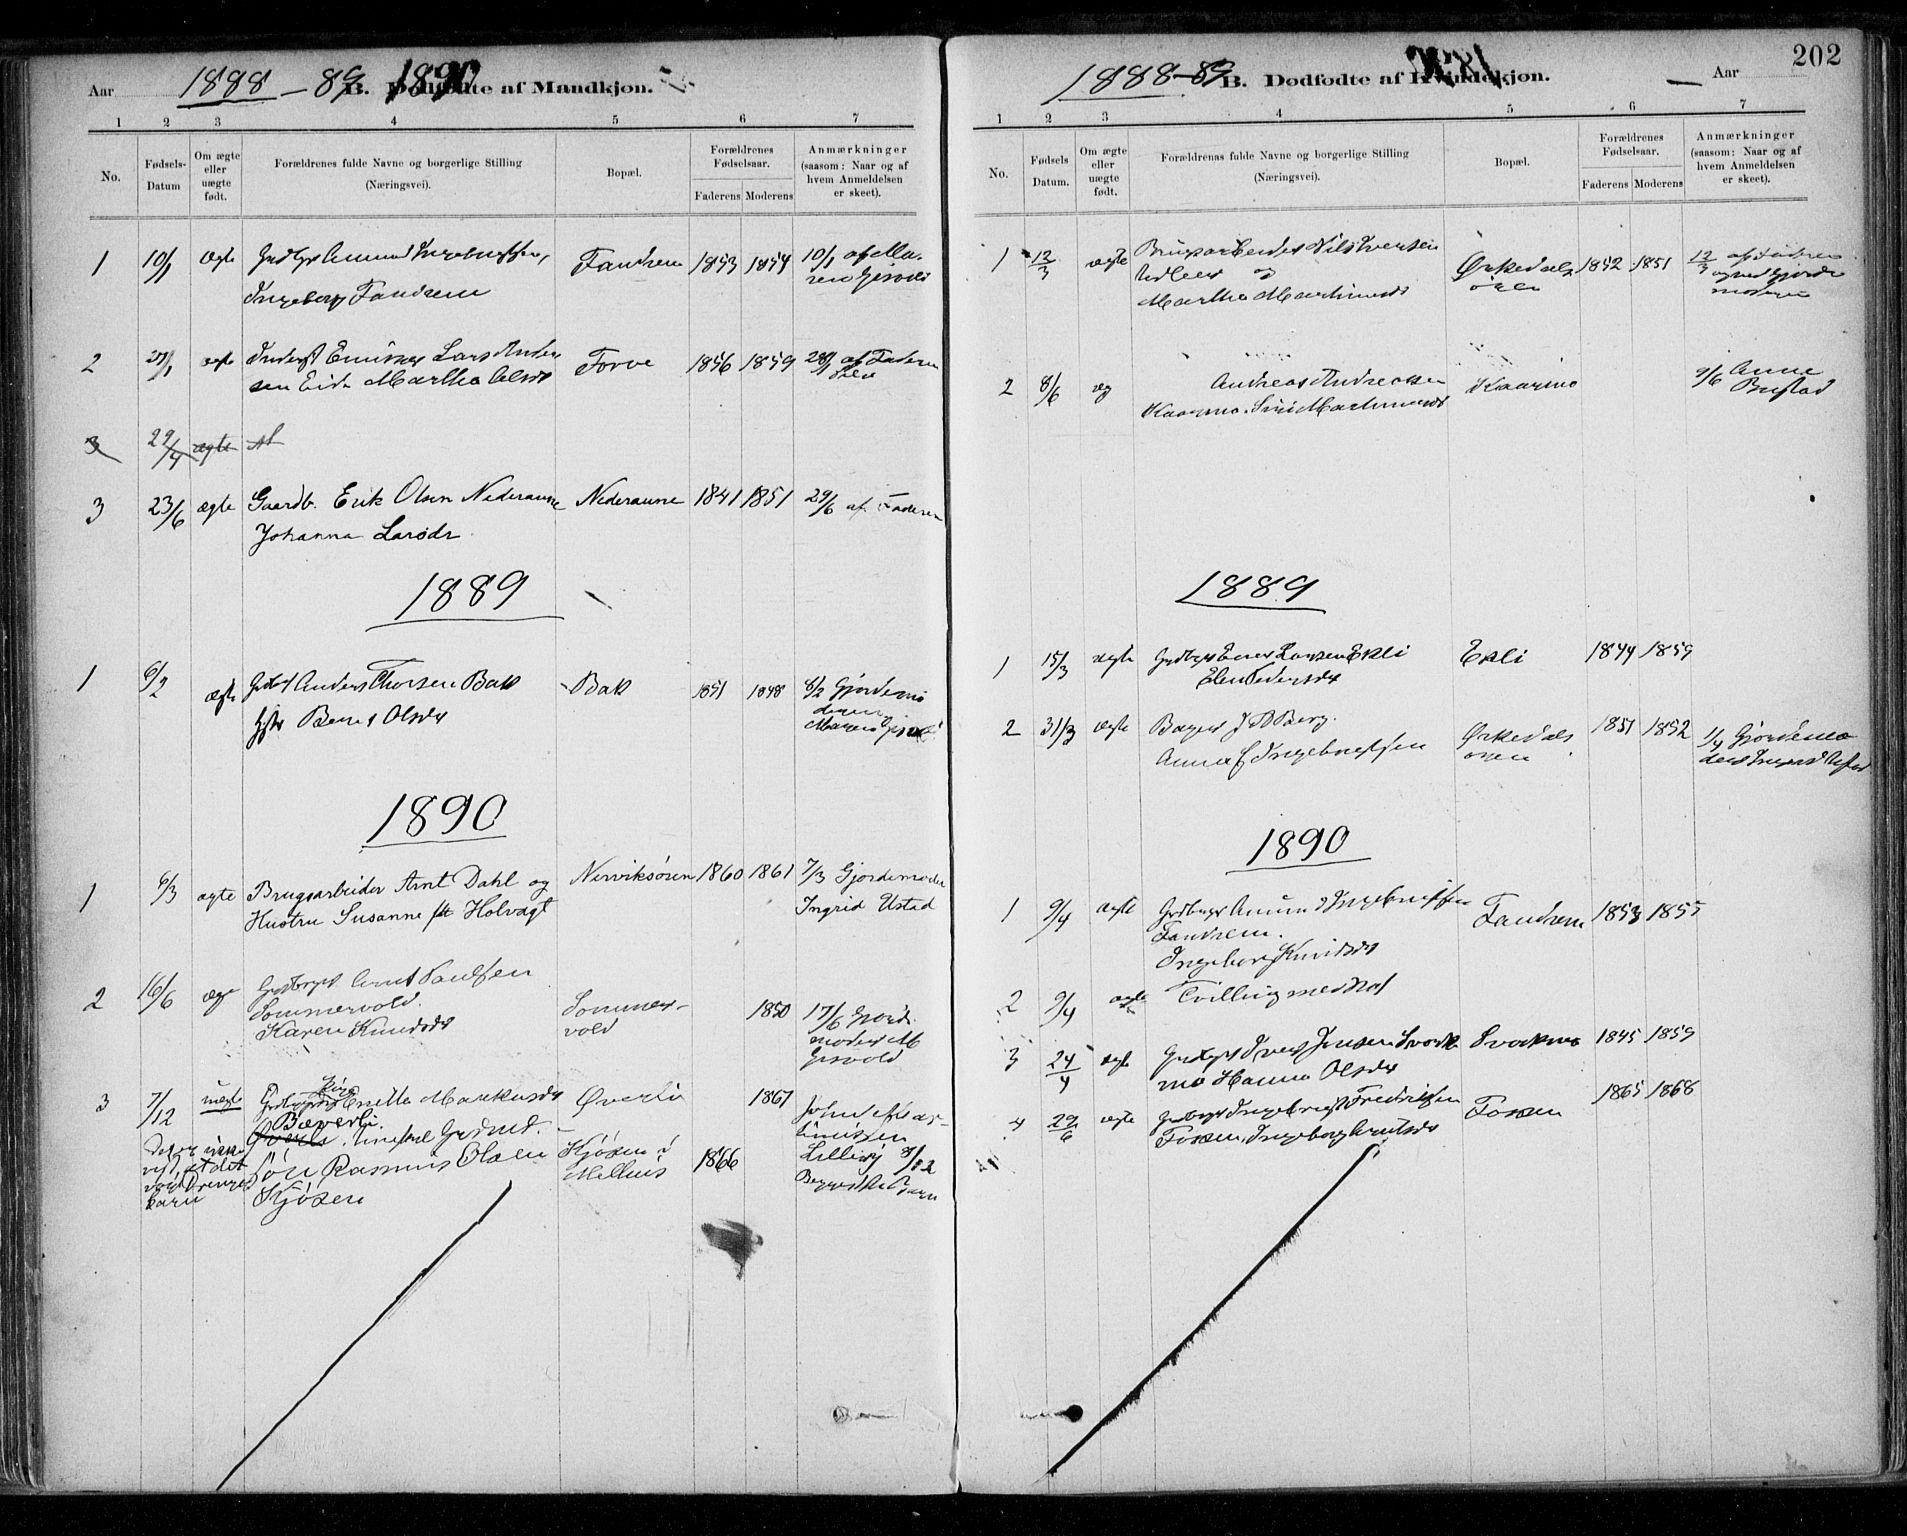 SAT, Ministerialprotokoller, klokkerbøker og fødselsregistre - Sør-Trøndelag, 668/L0809: Ministerialbok nr. 668A09, 1881-1895, s. 202